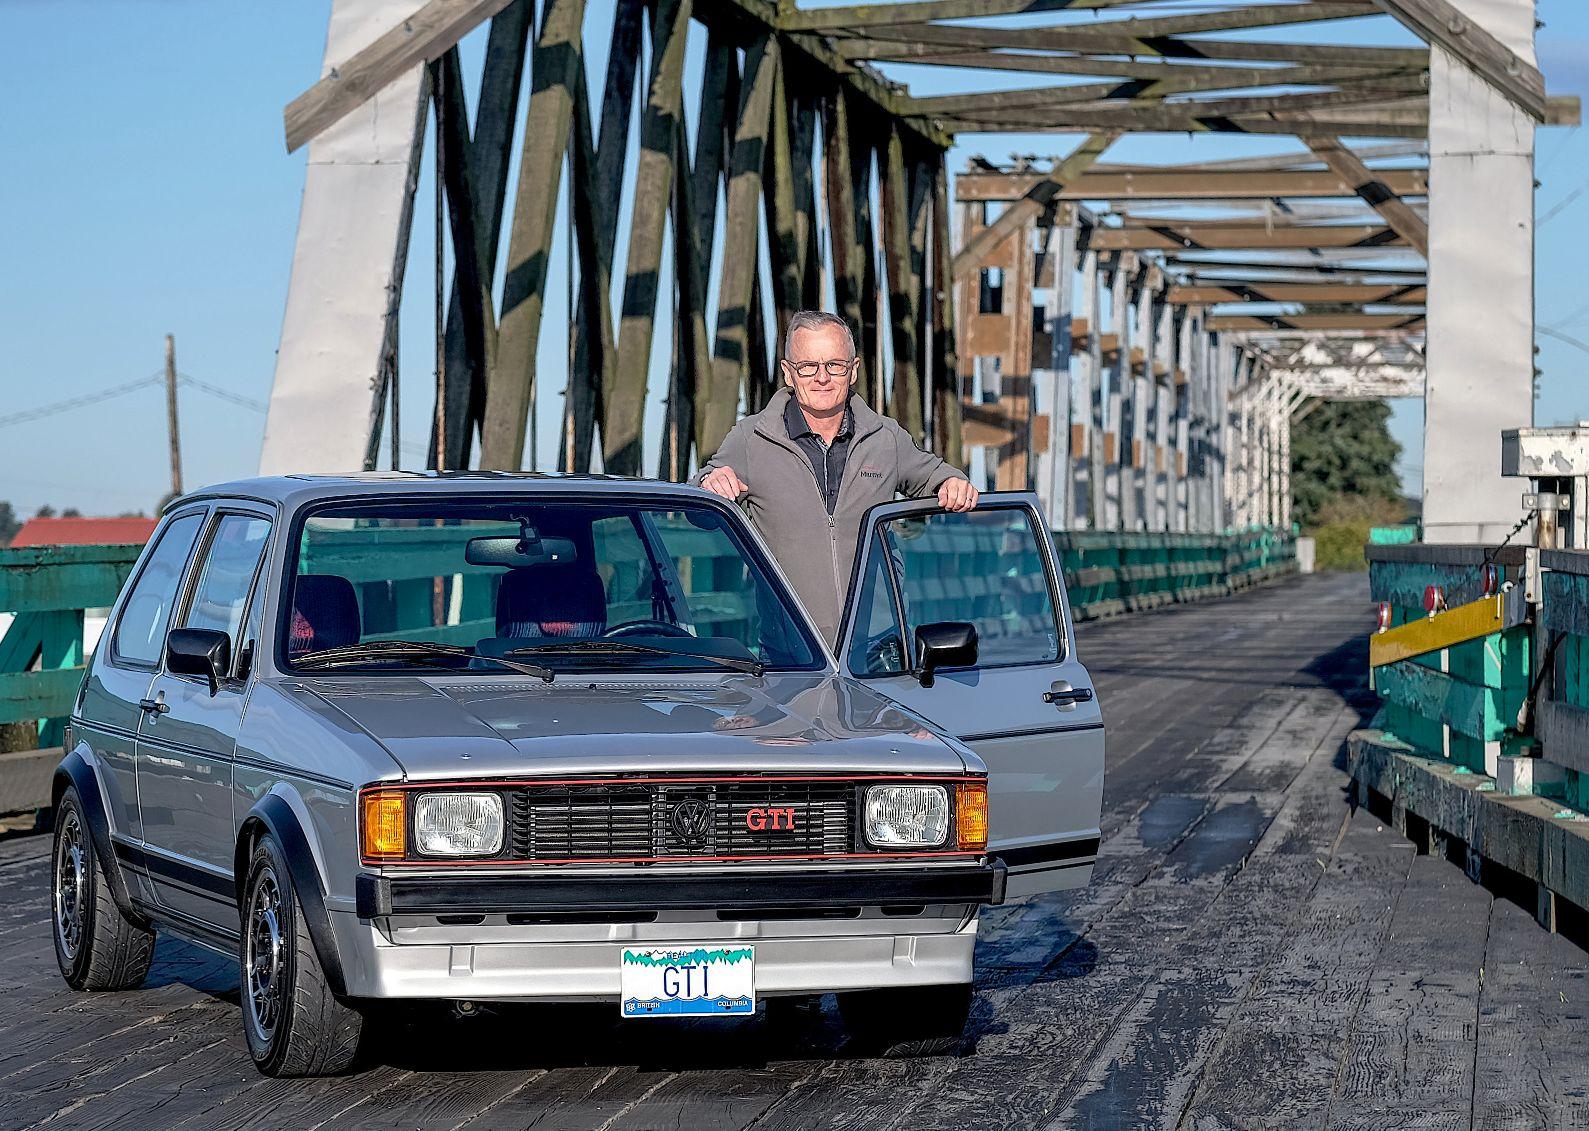 O engenheiro ao lado do Golf Gti 1983 restaurado na entrada de uma ponte